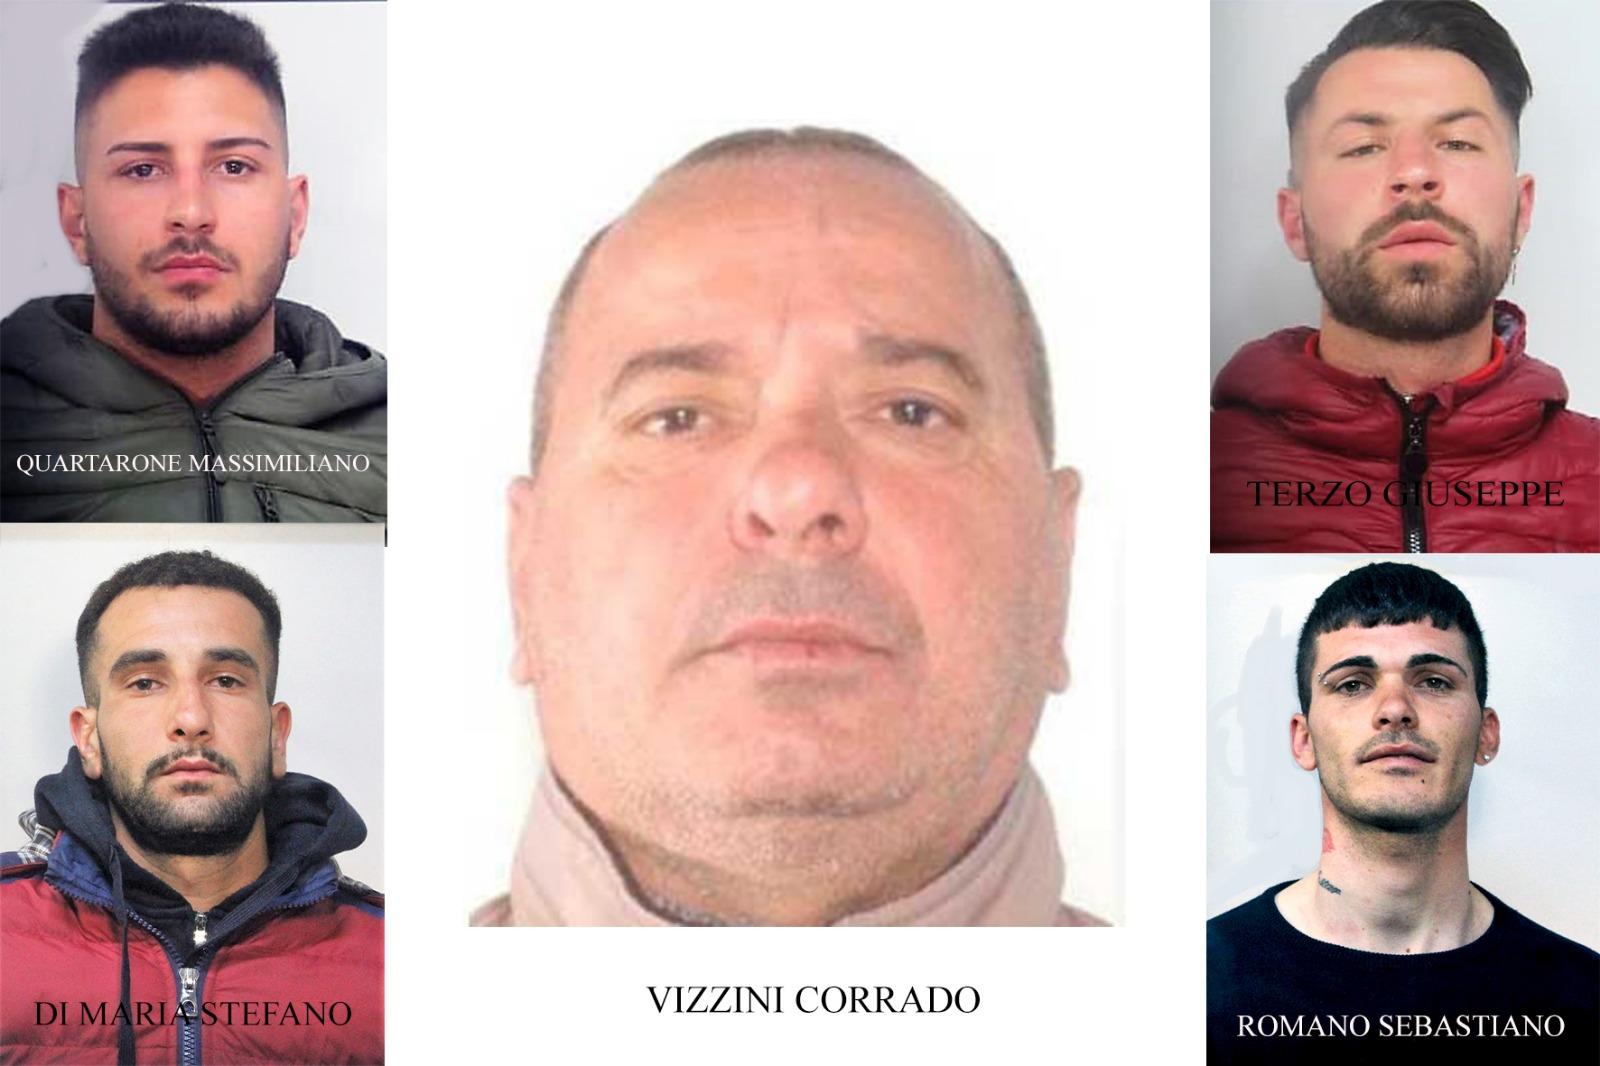 Omicidio 'Marcottu' a Pachino, quattro persone fermate nella notte dalla polizia